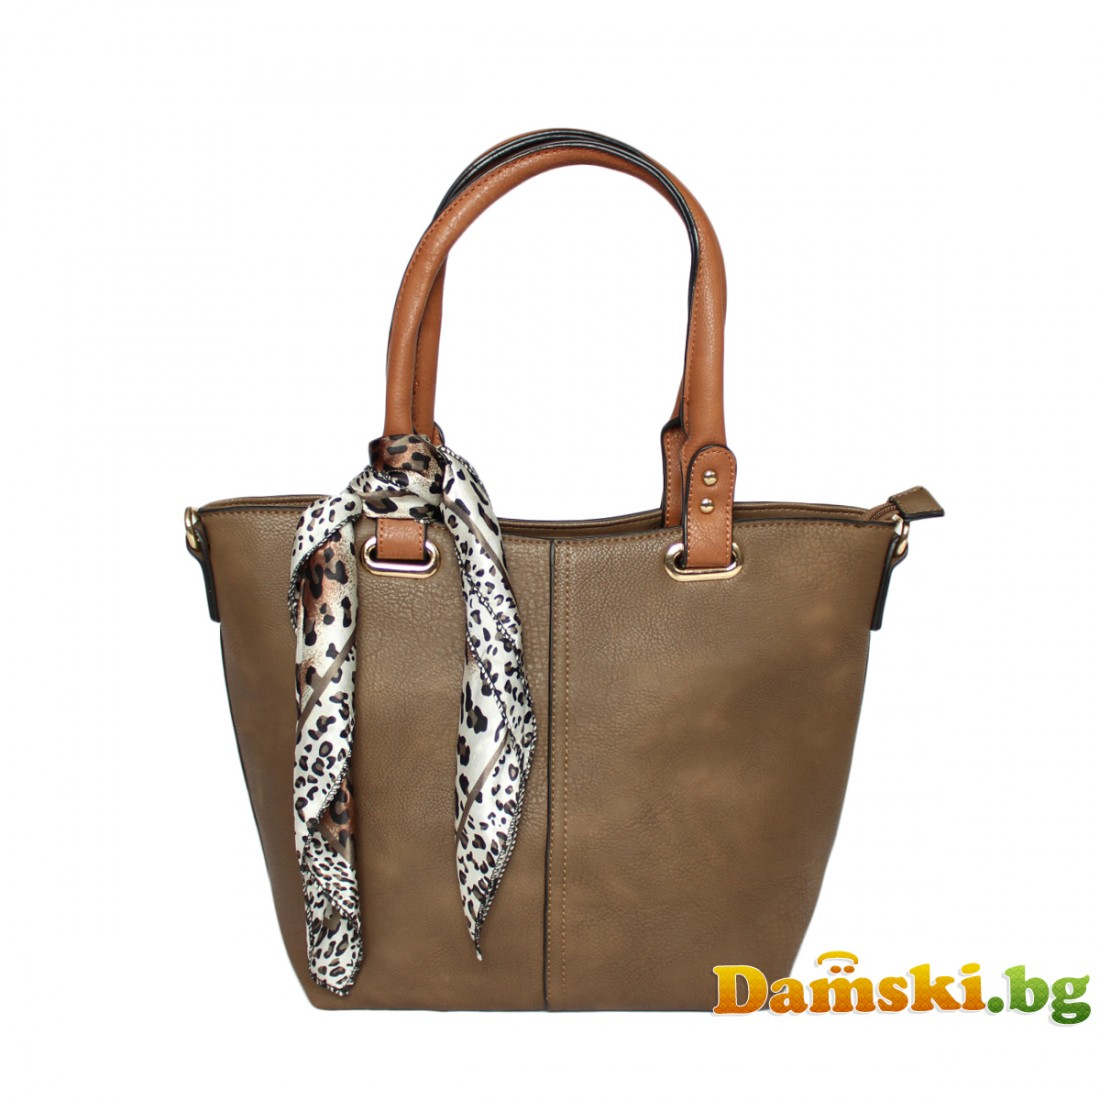 Елегантна дамска чанта Лейди - тъмно кафява